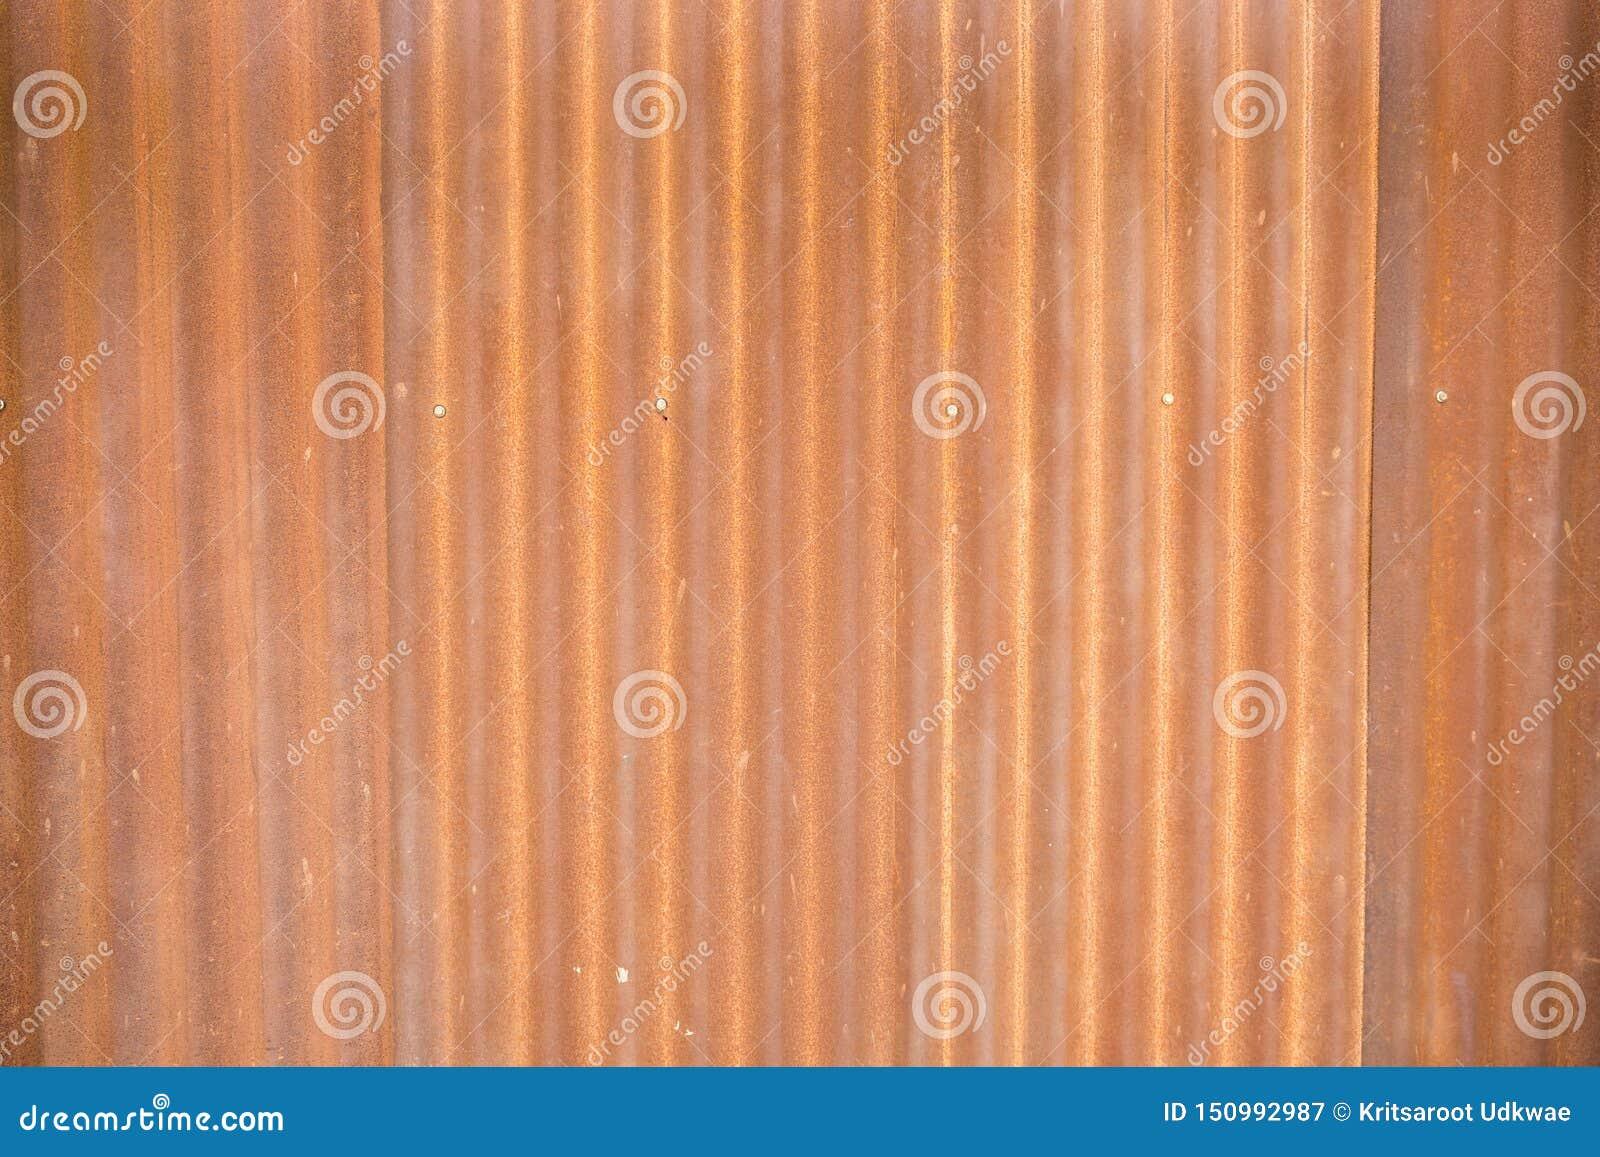 在金属板的铁锈 铁锈金属墙纸